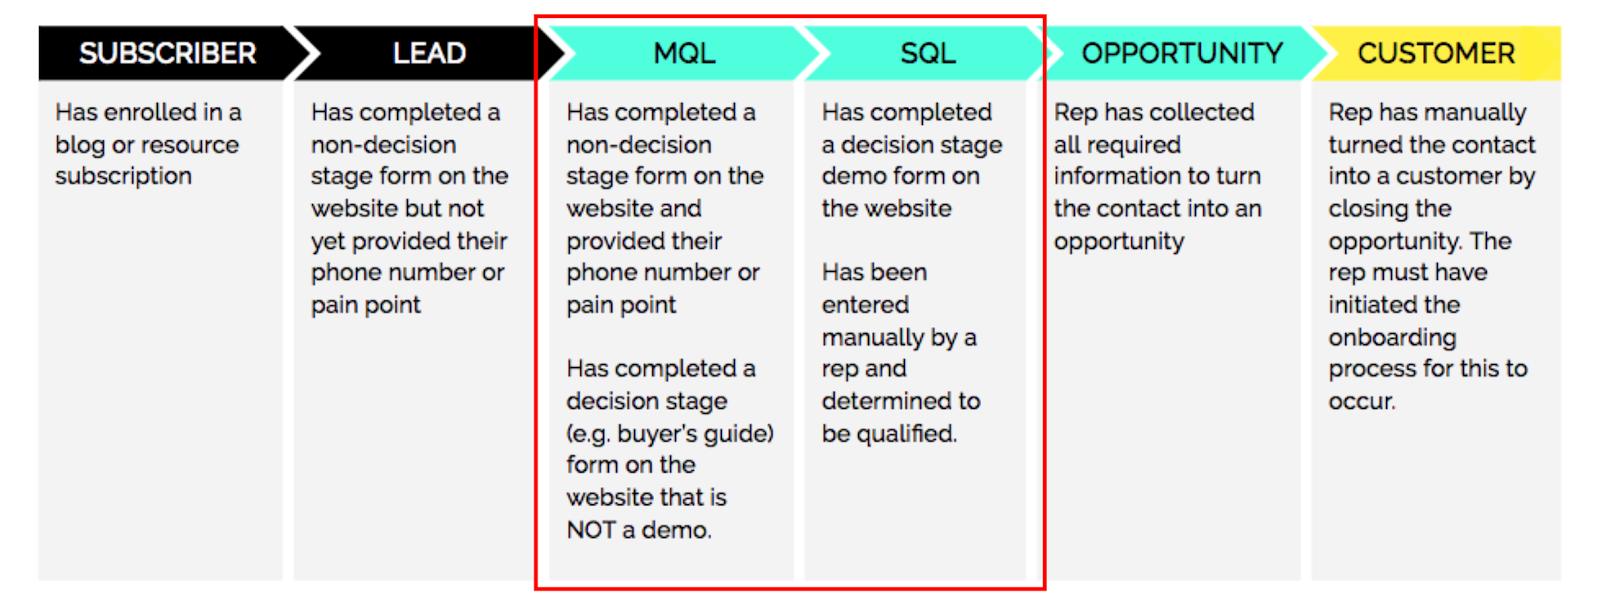 MQL vs SQL - detailed description of funnel positioning